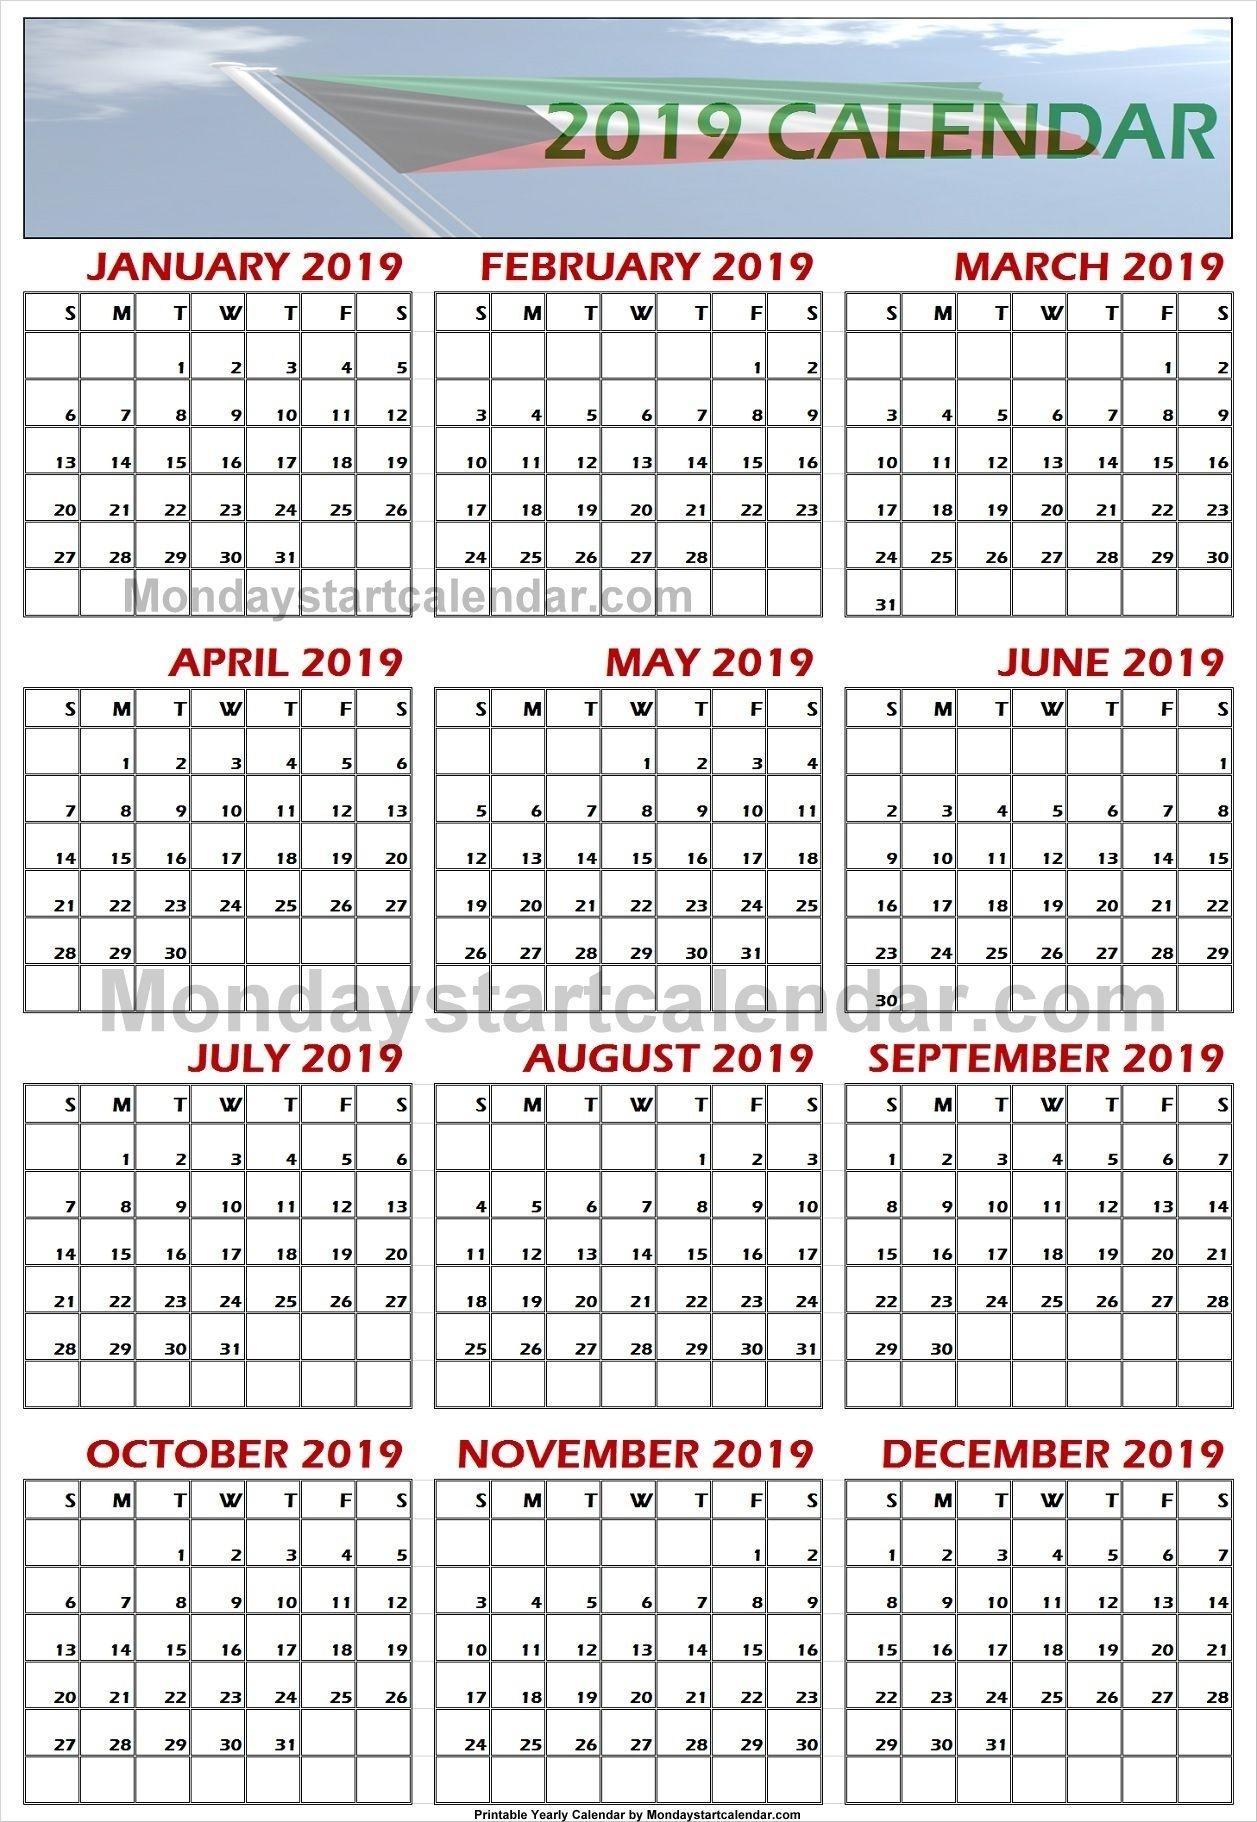 2019 Kuwait Calendar | Calendar, School Holiday Calendar